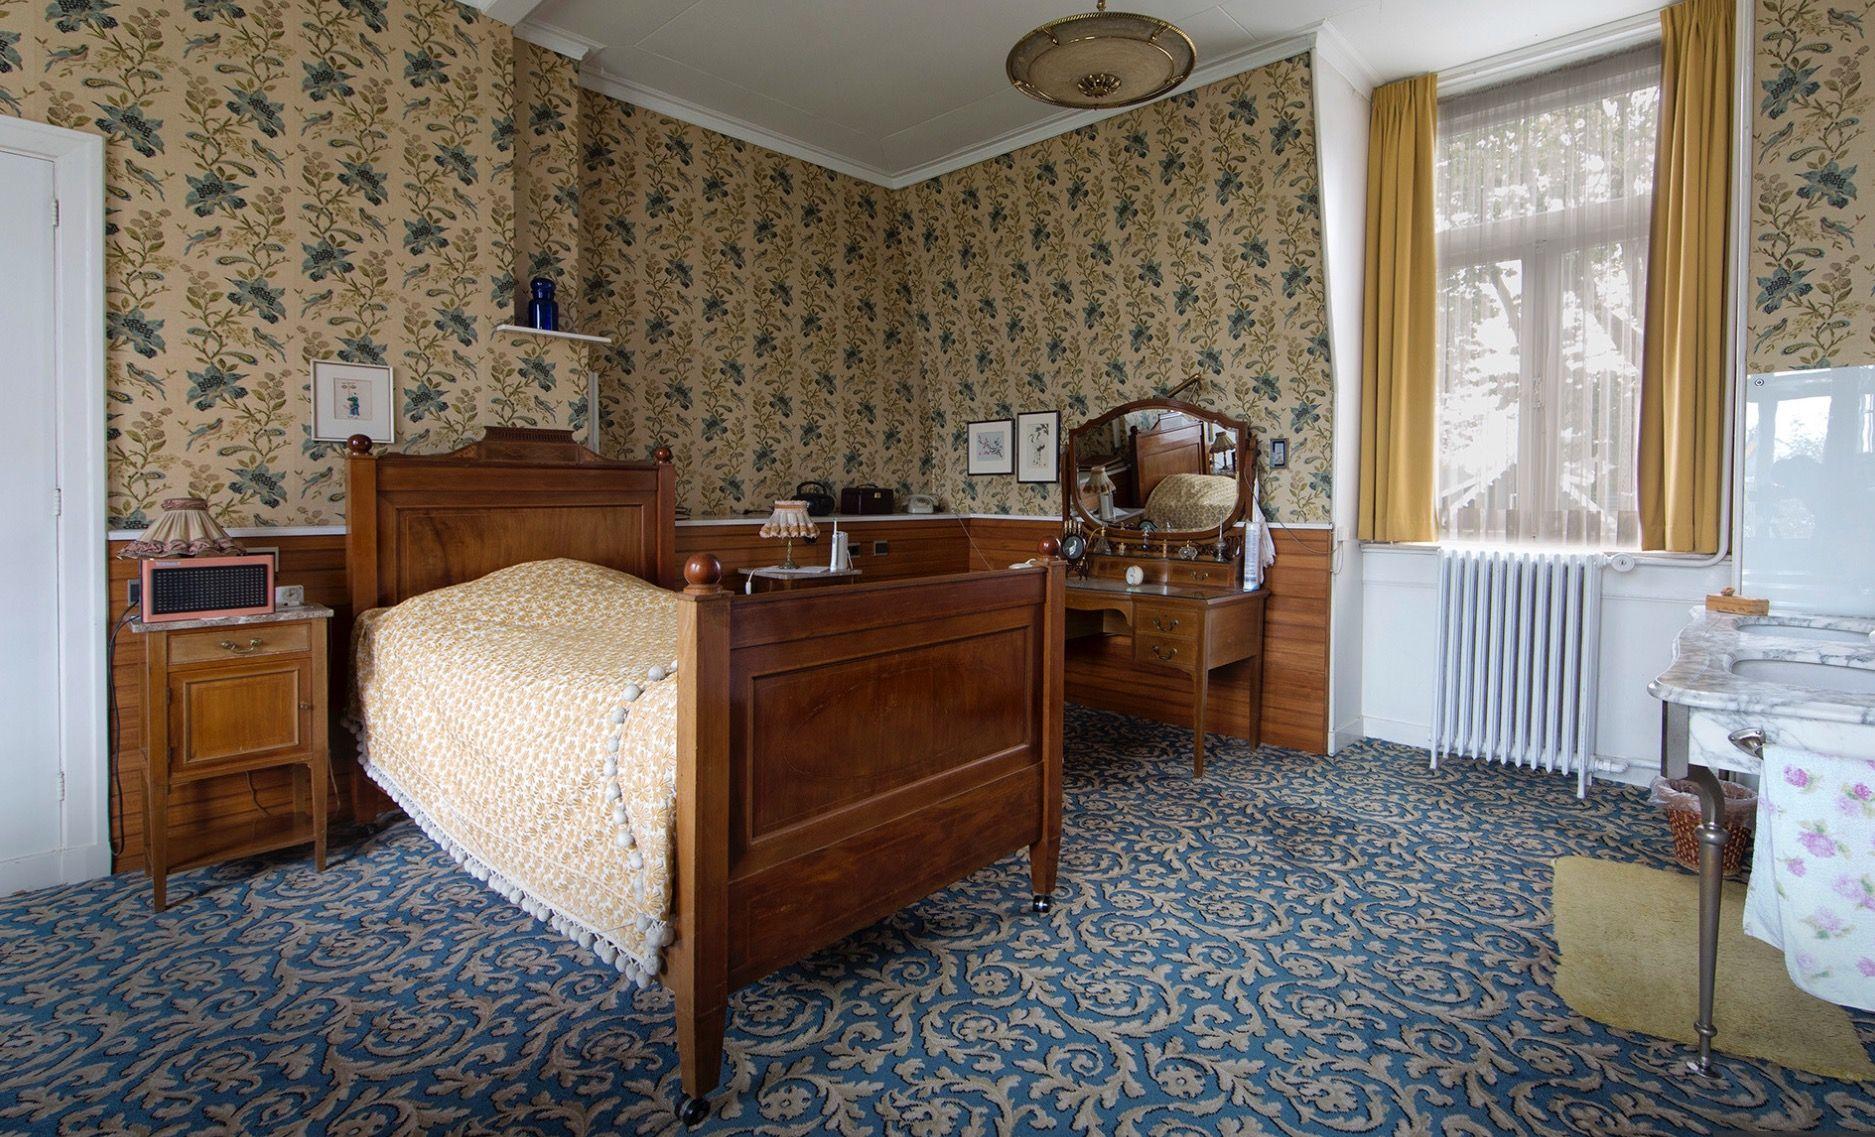 slaapkamer ledikant pander meubels Hollands | Antieke meubels ...